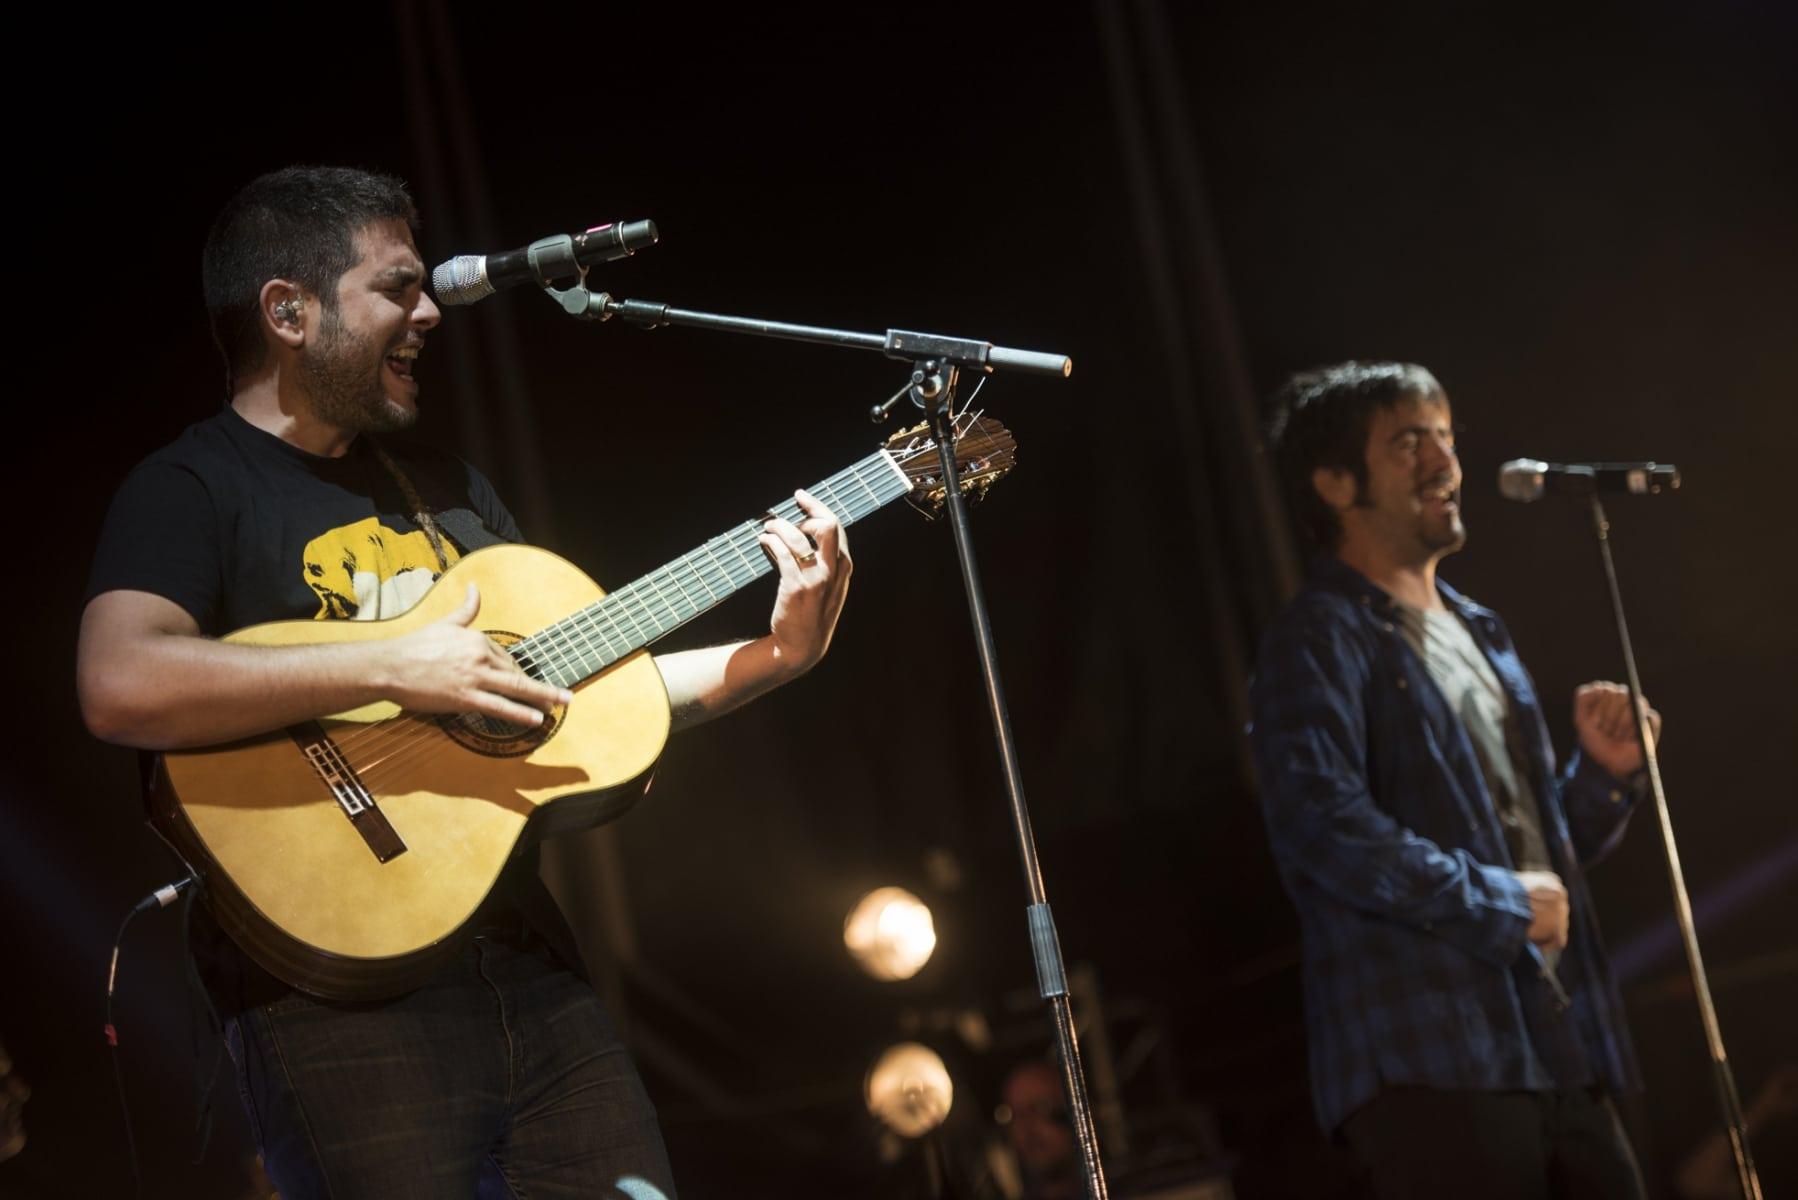 5-septiembre-2015-gibraltar-music-festival-2015-47_21000555029_o